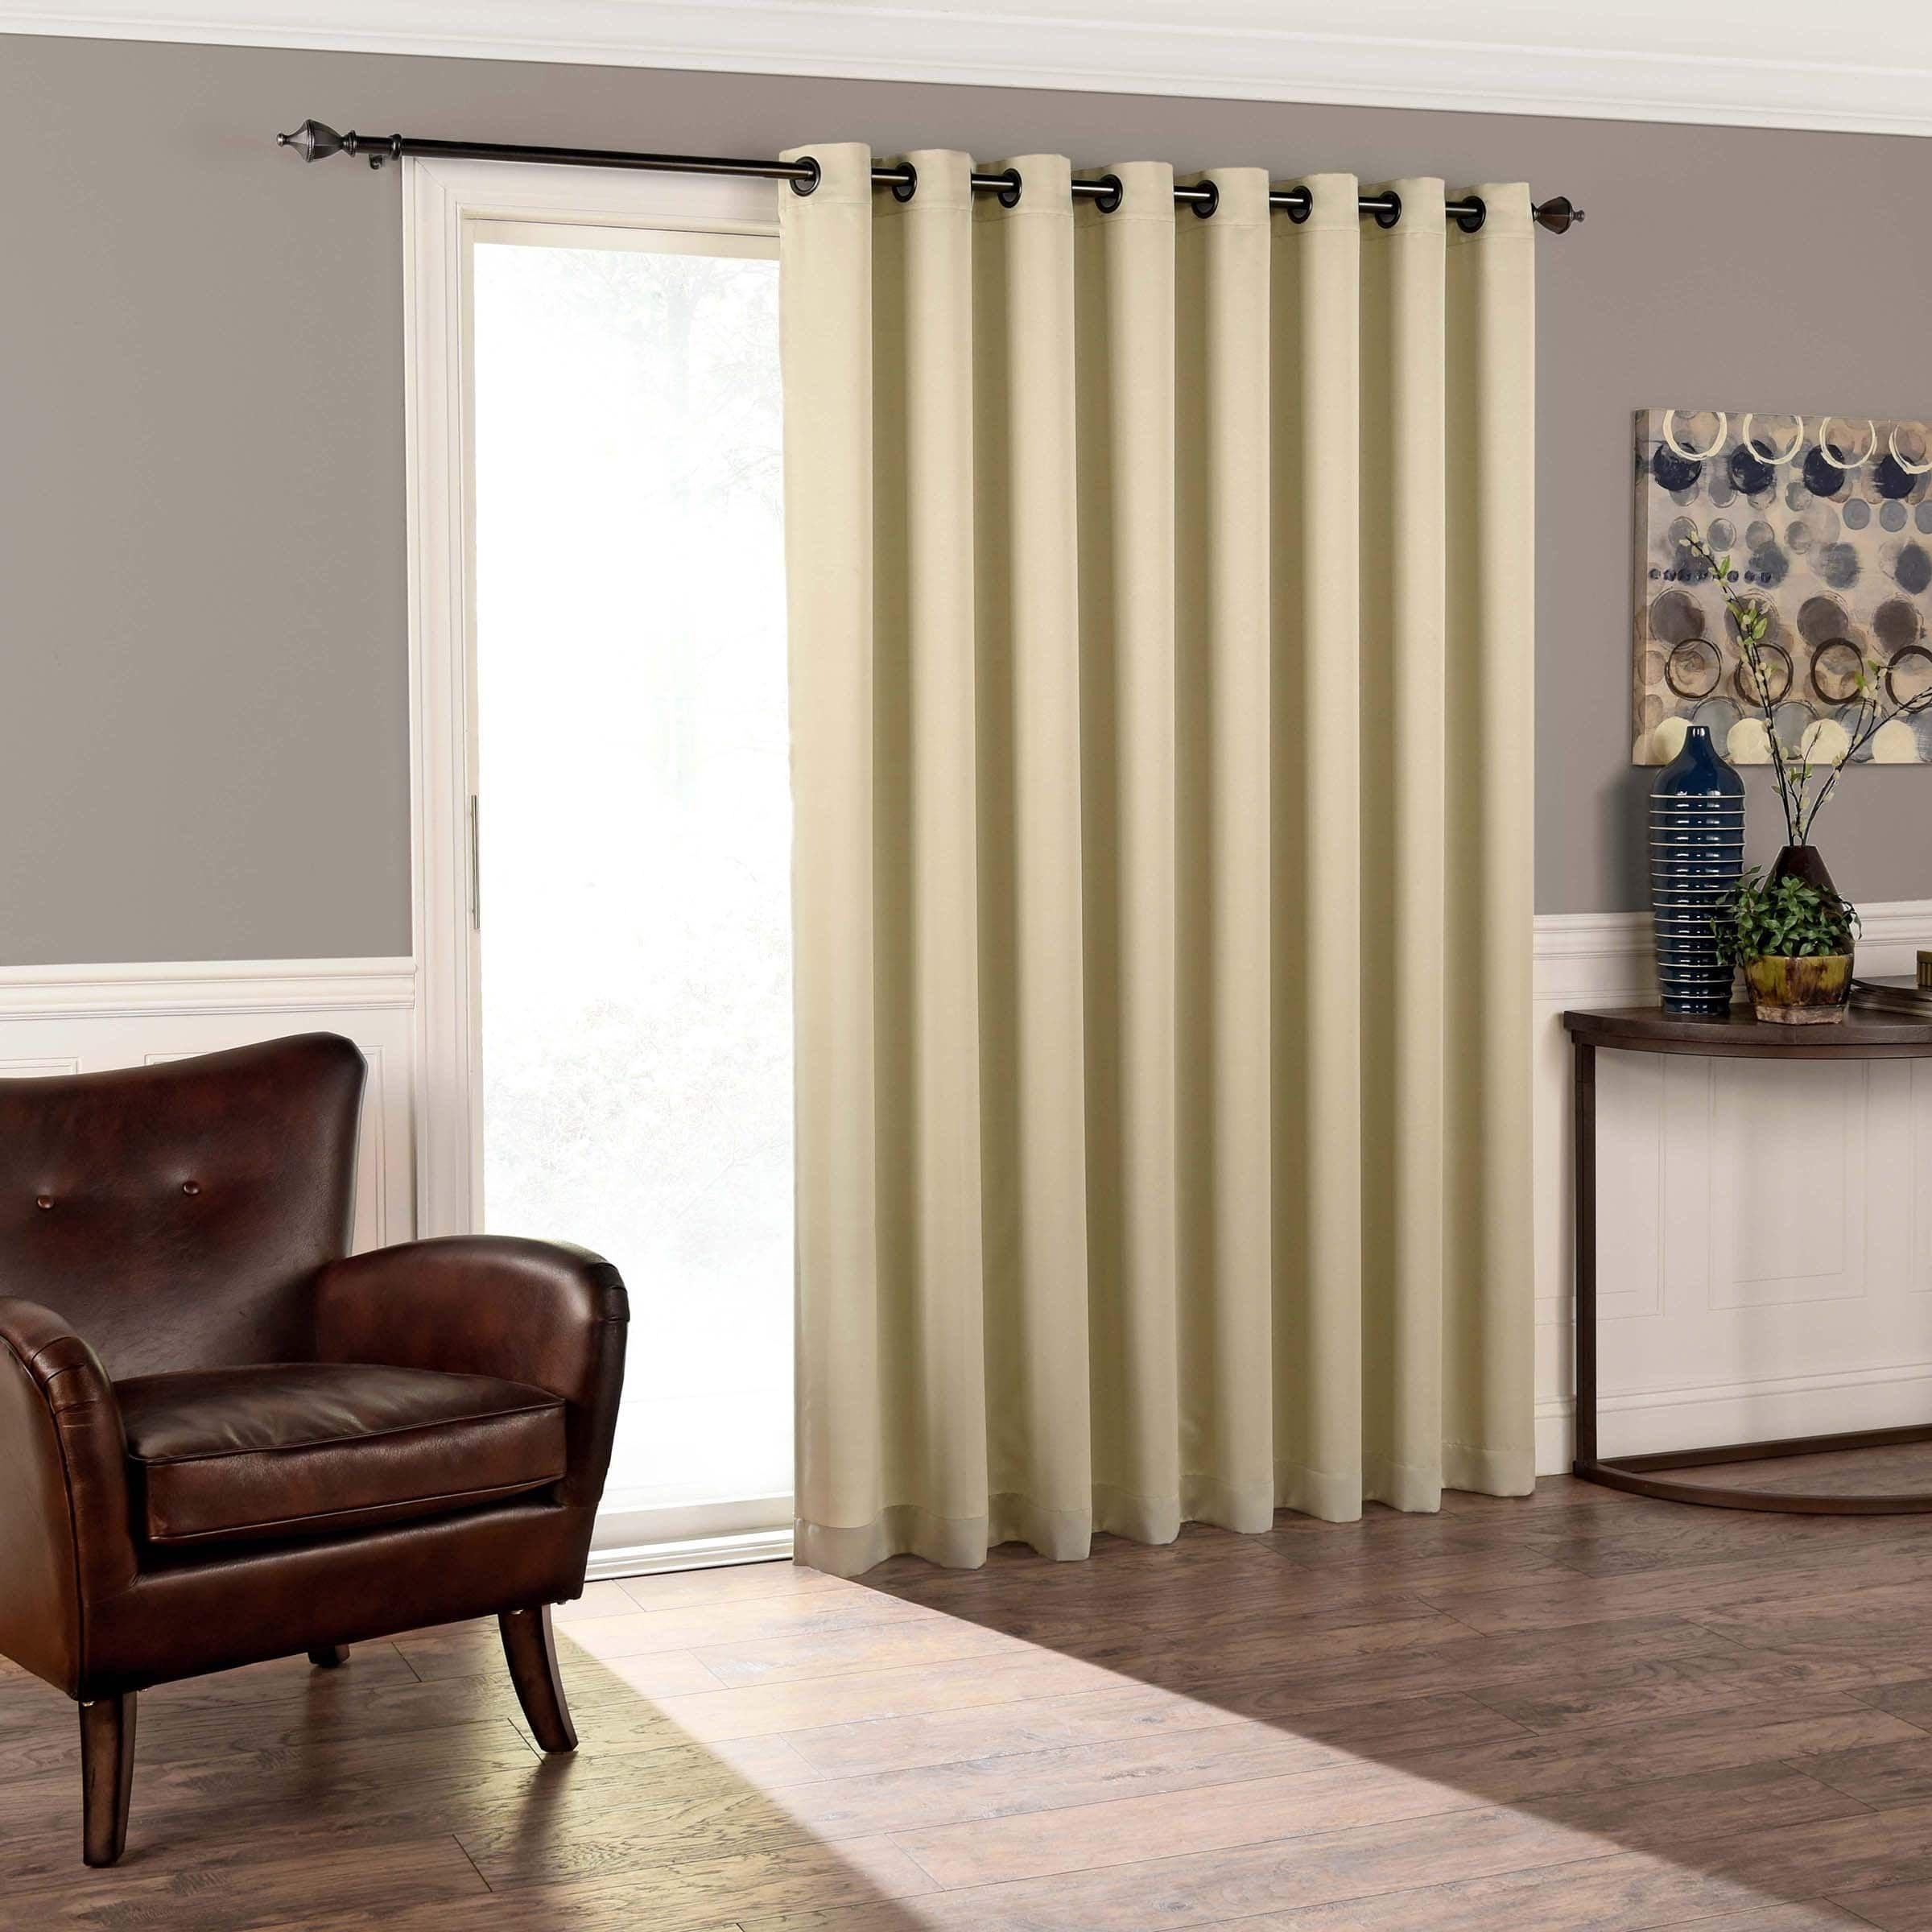 Eclipse Tricia Room Darkening Patio Door Panel 100x84 Patio Doors Panel Doors Patio Door Curtains